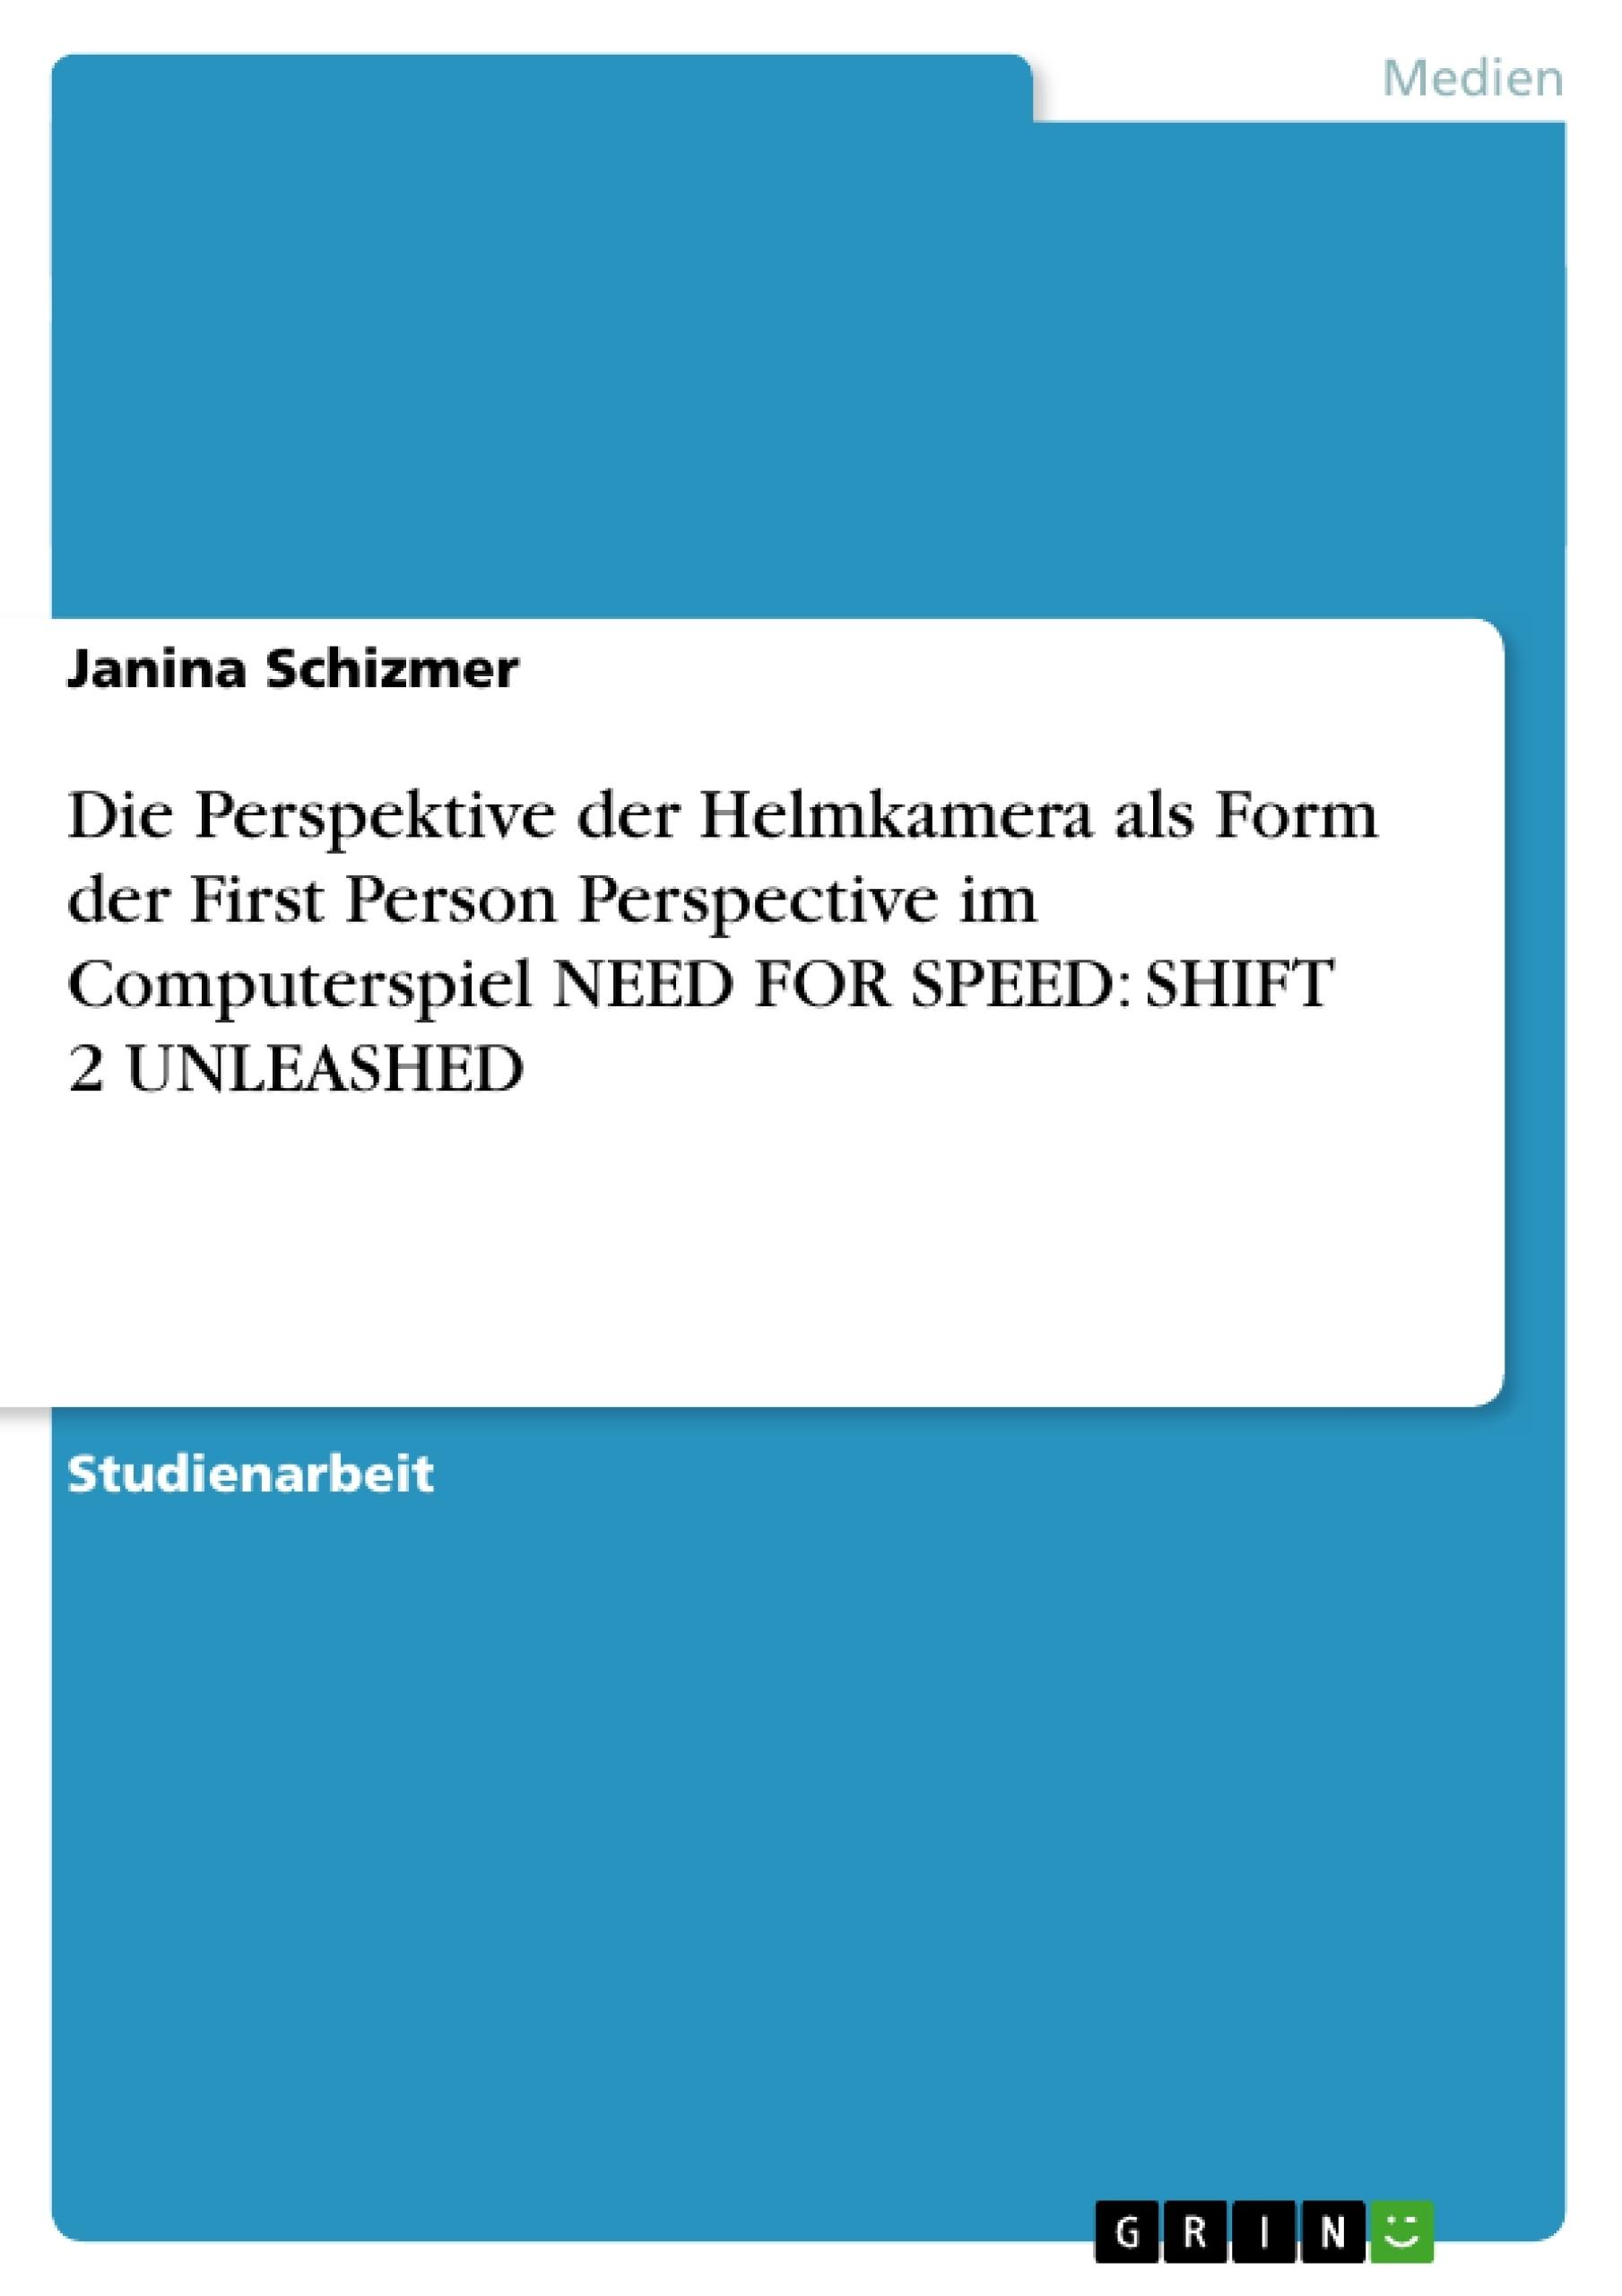 Titel: Die Perspektive der Helmkamera als Form der First Person Perspective im Computerspiel NEED FOR SPEED: SHIFT 2 UNLEASHED